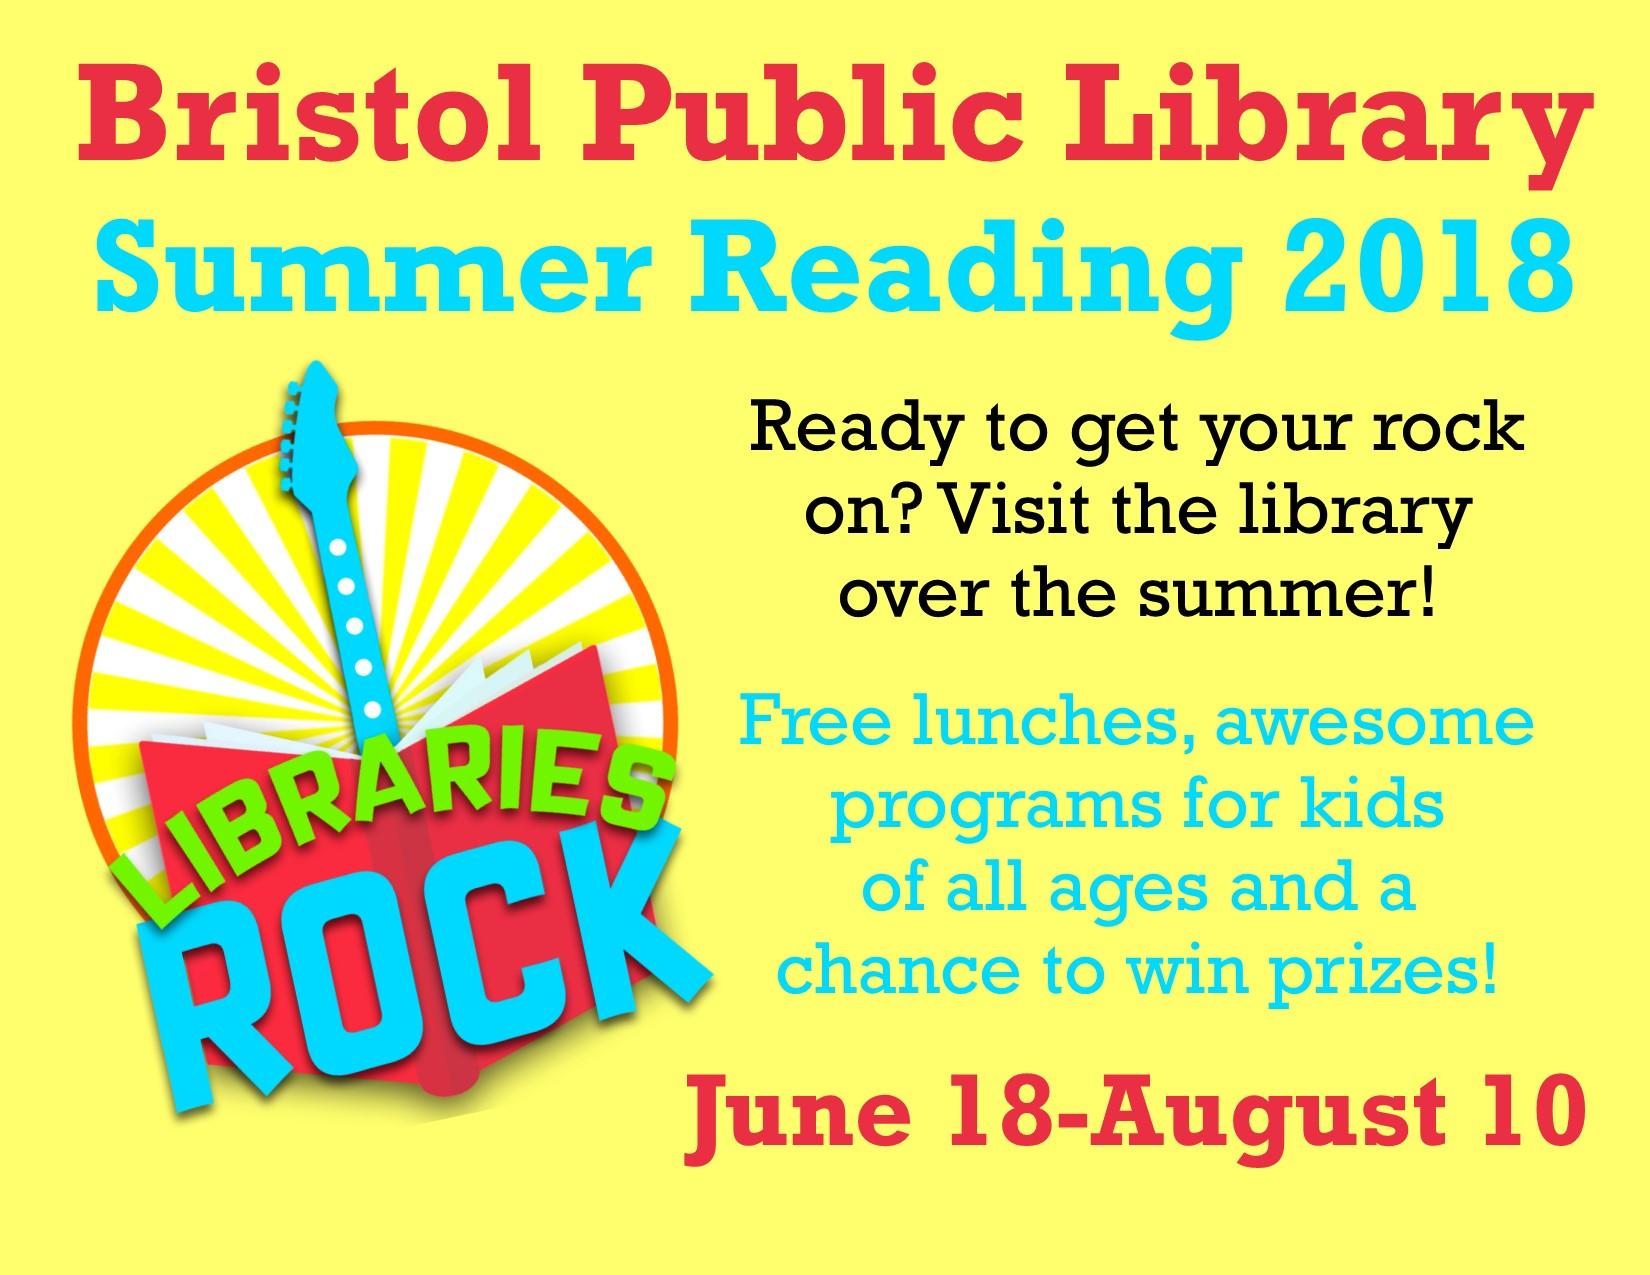 Summer Reading Program Begins! - Bristol Public Library